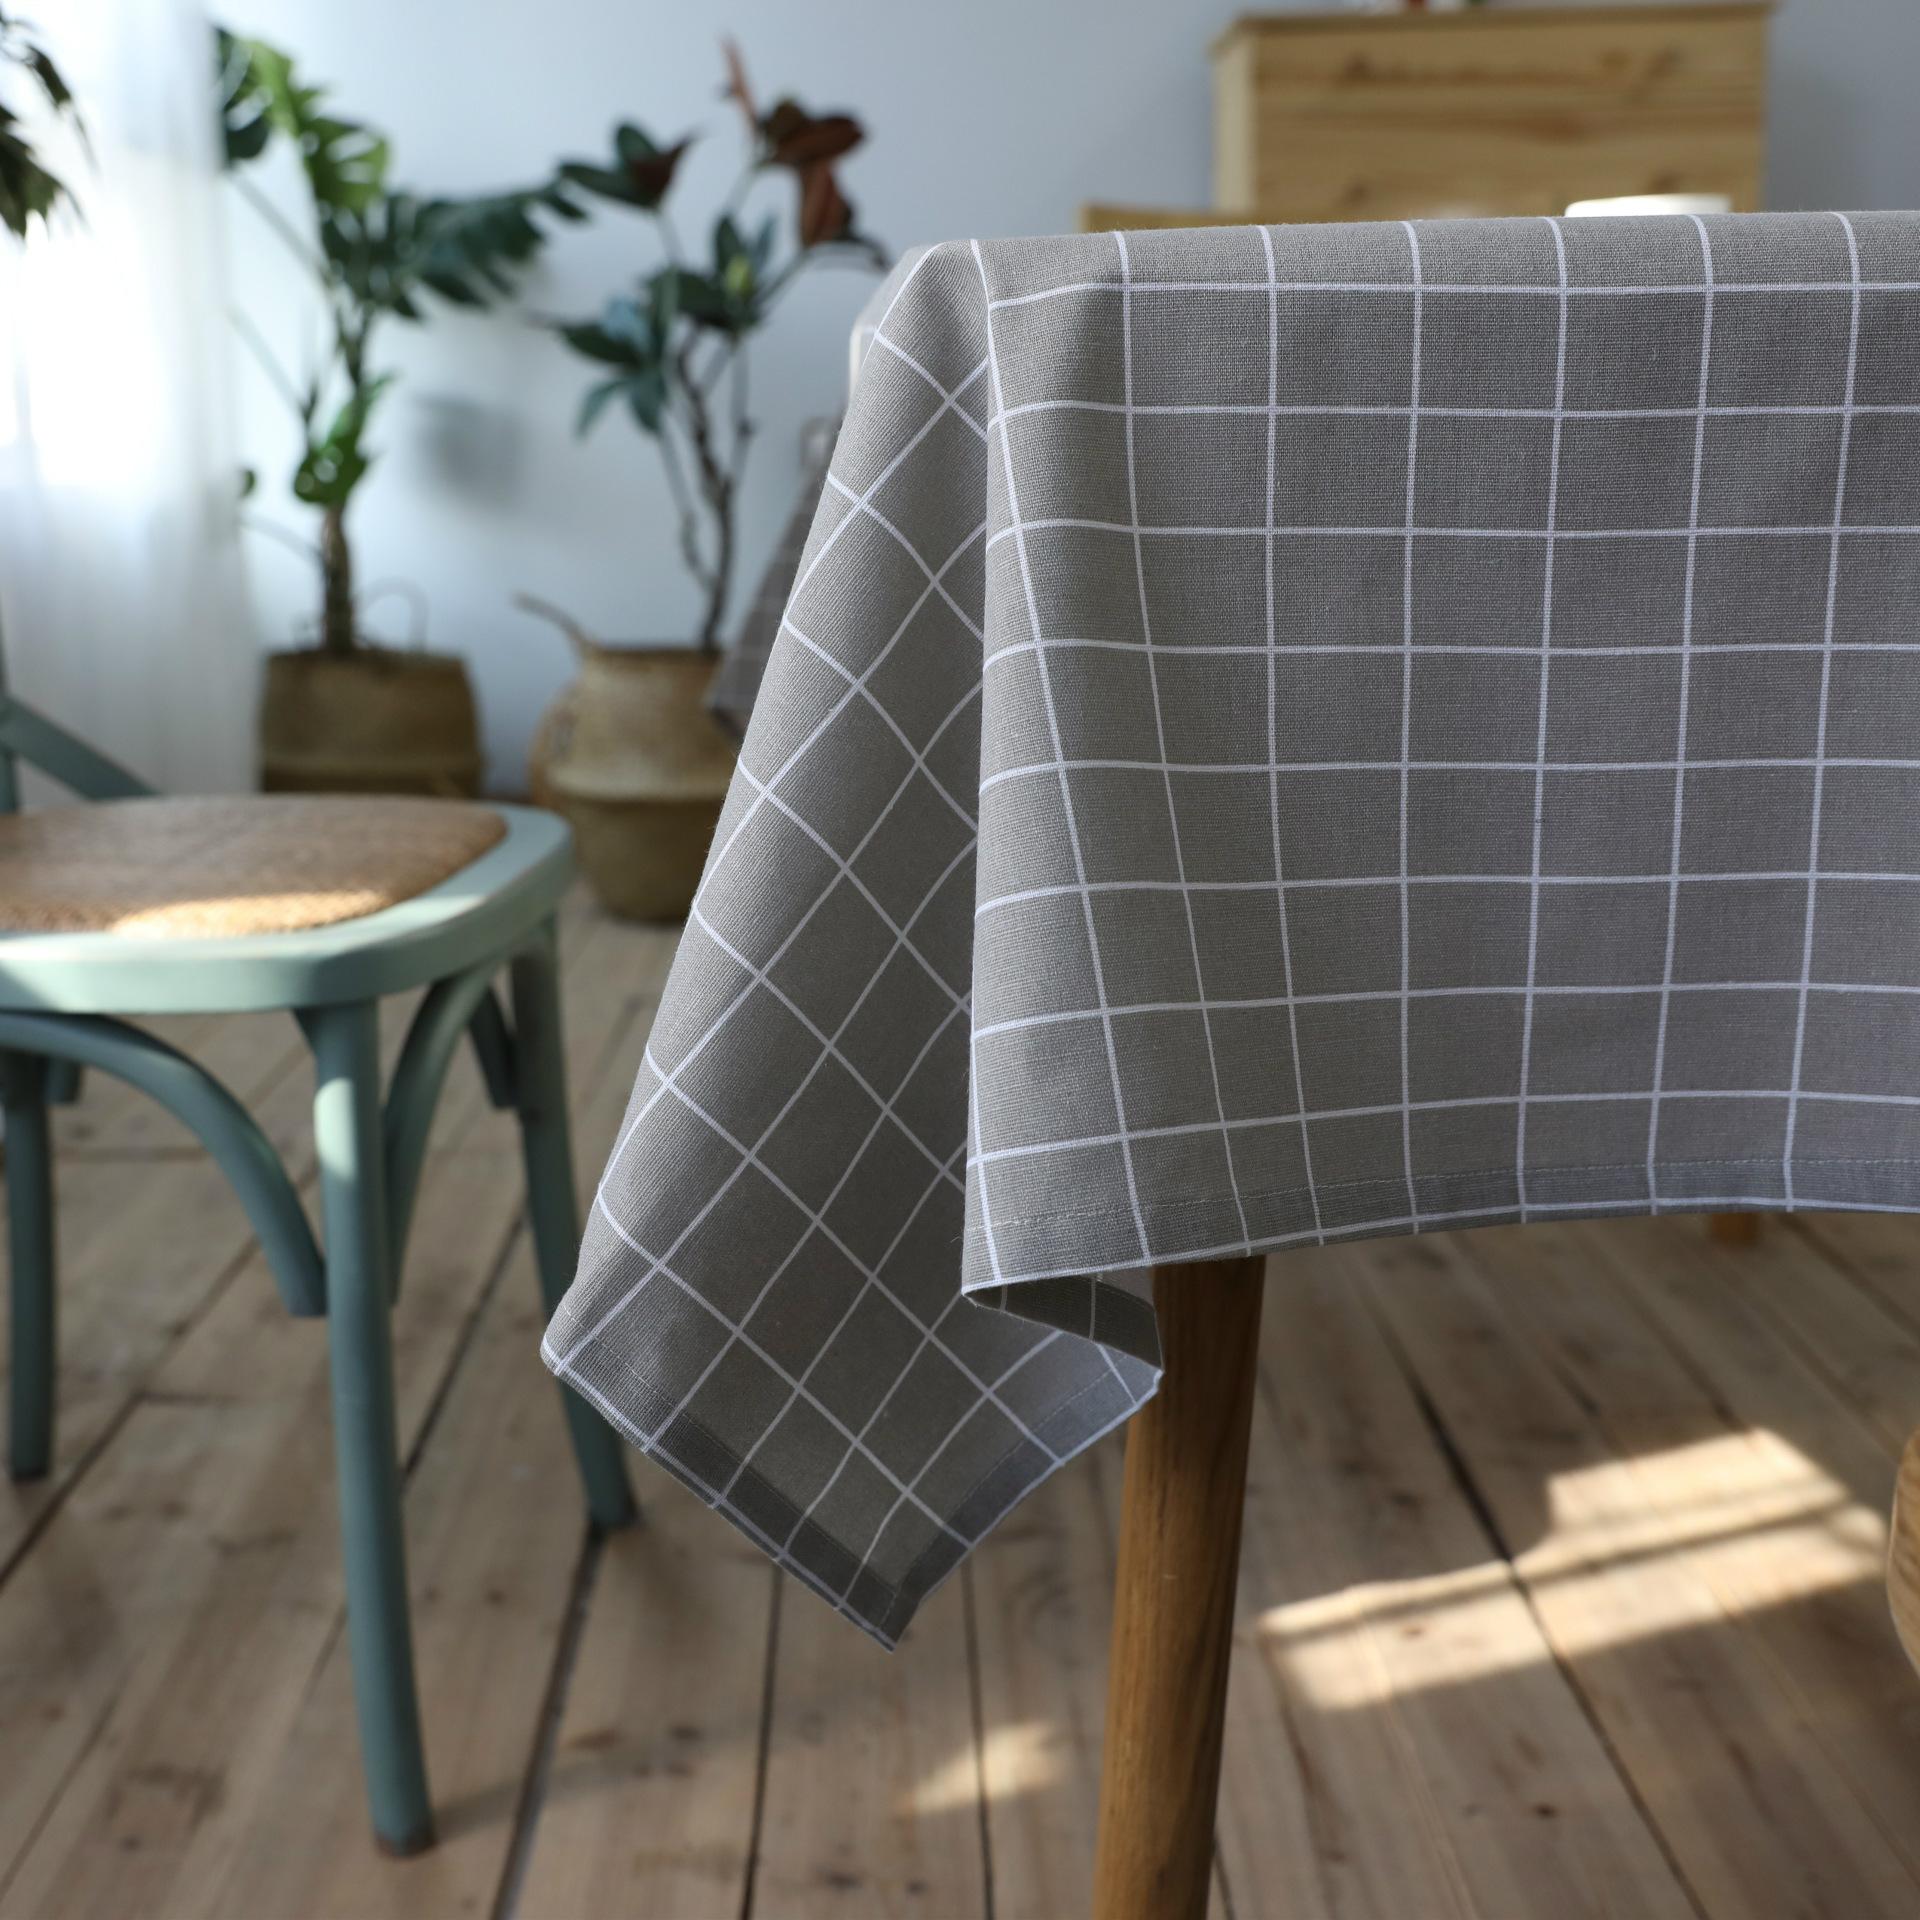 灰色格子棉麻文艺格子桌布布艺灰色台布小清新长方形现代简约